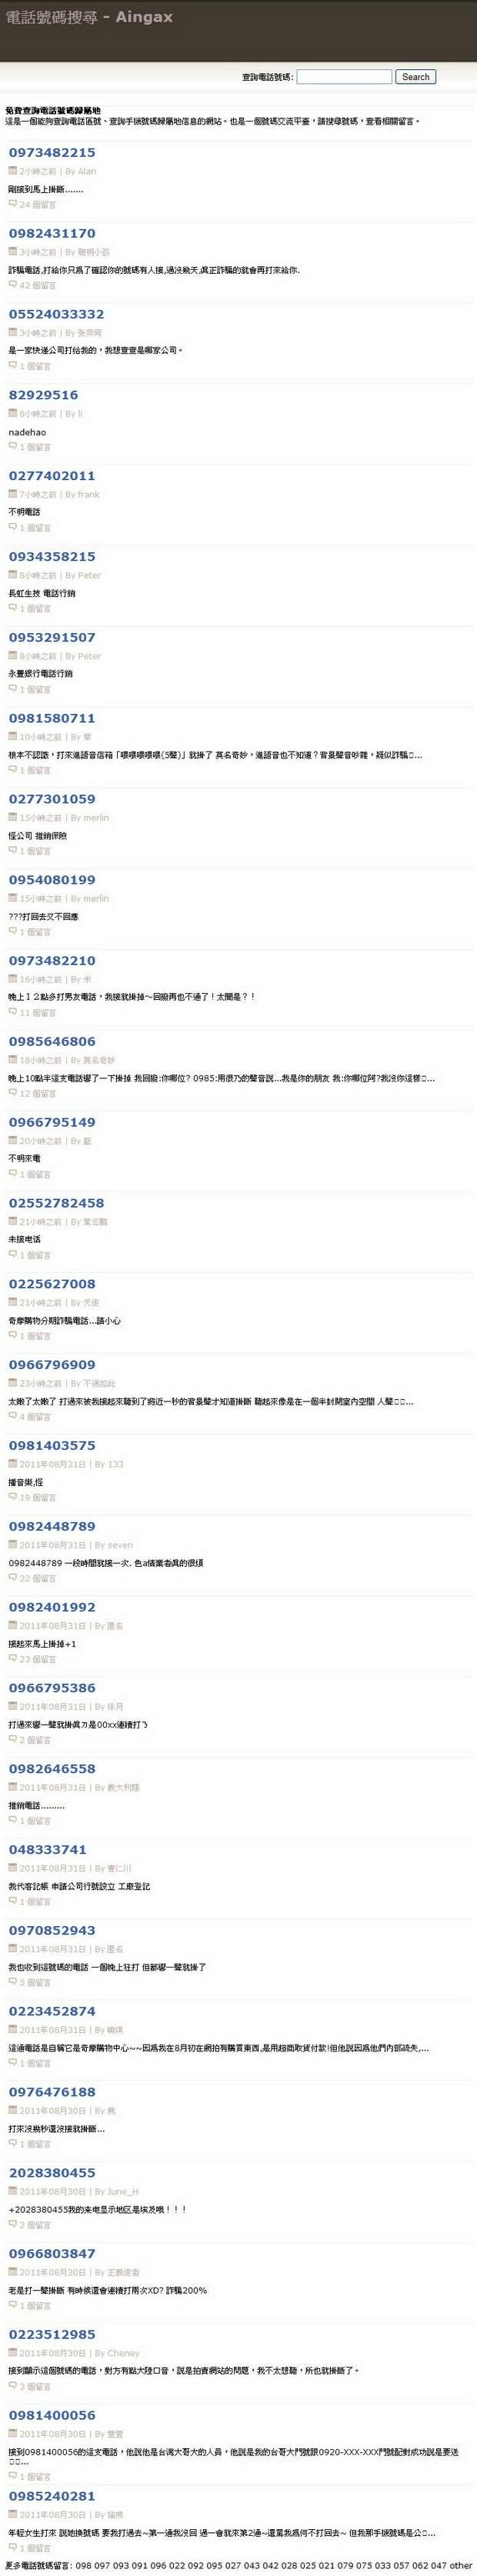 電話號碼搜尋-01.jpg